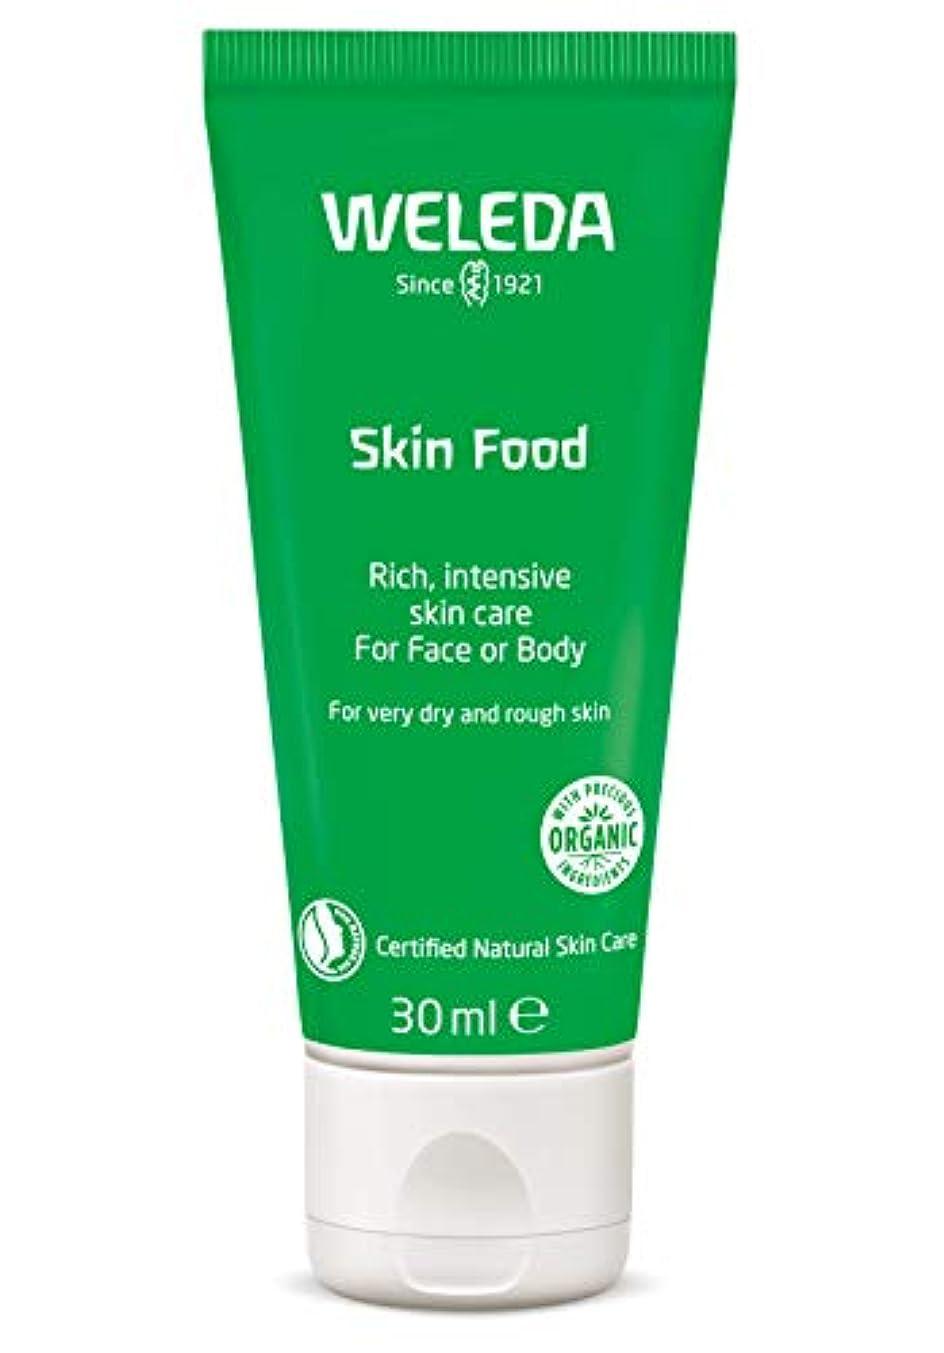 コミットメント独立セールスマンWELEDA(ヴェレダ) スキンフード(全身用クリーム) 30ml 【ひどい乾燥やゴワつきに?手や肘、かかとなどの集中ケアに?肌荒れしやすい季節のお顔のケアに】